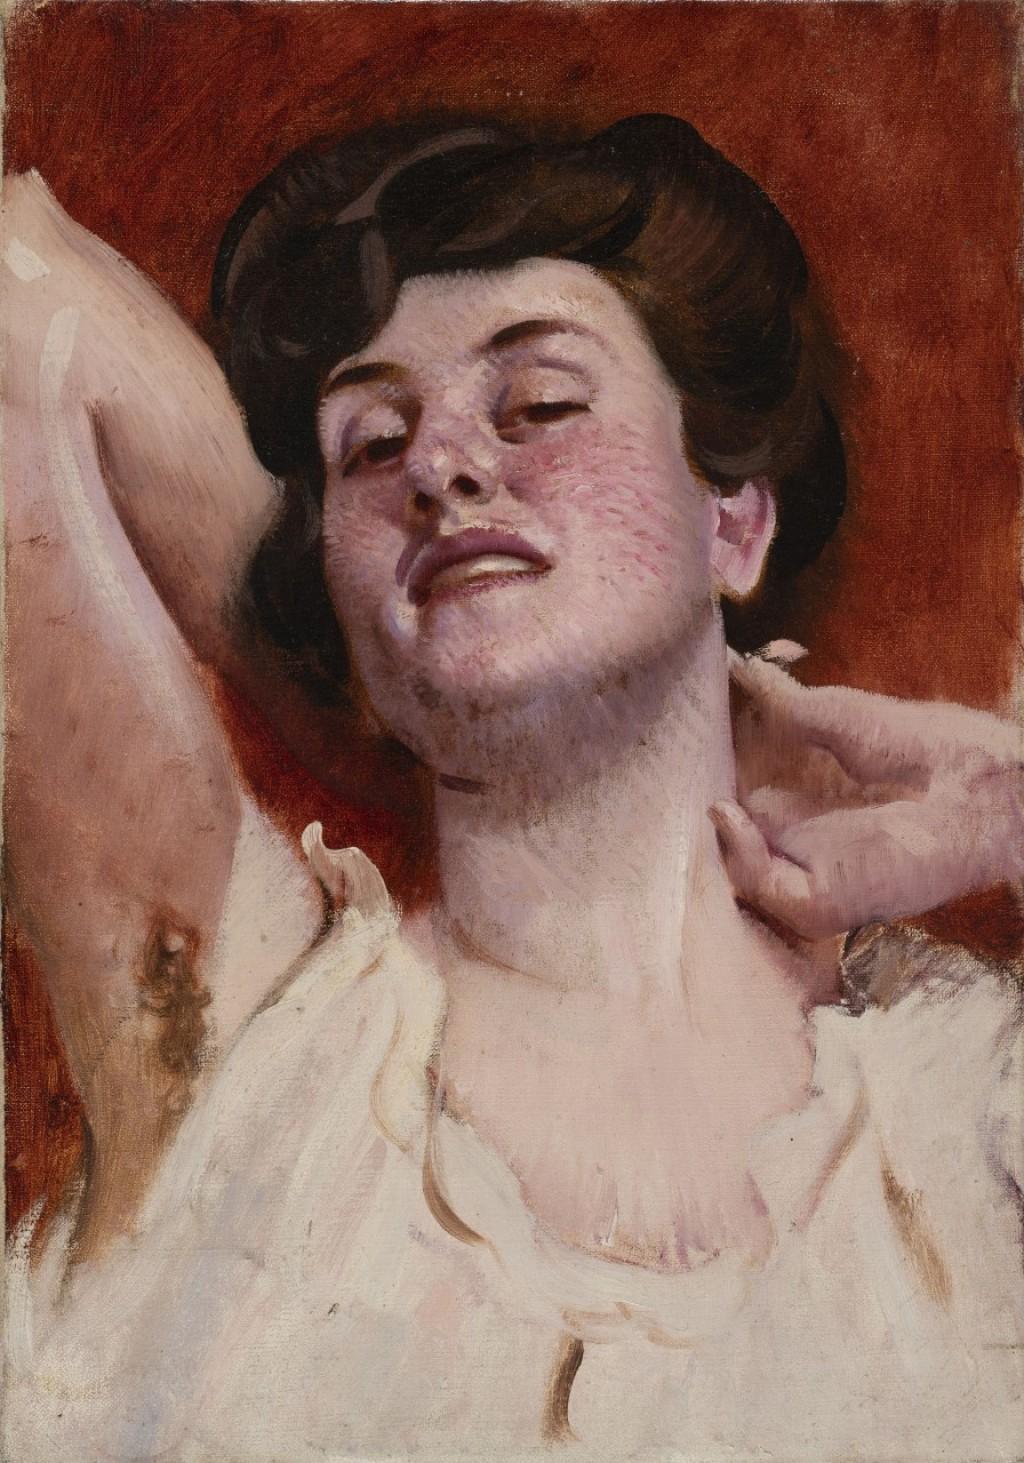 Prostituta romana - Adolf Hiremy Hirschl